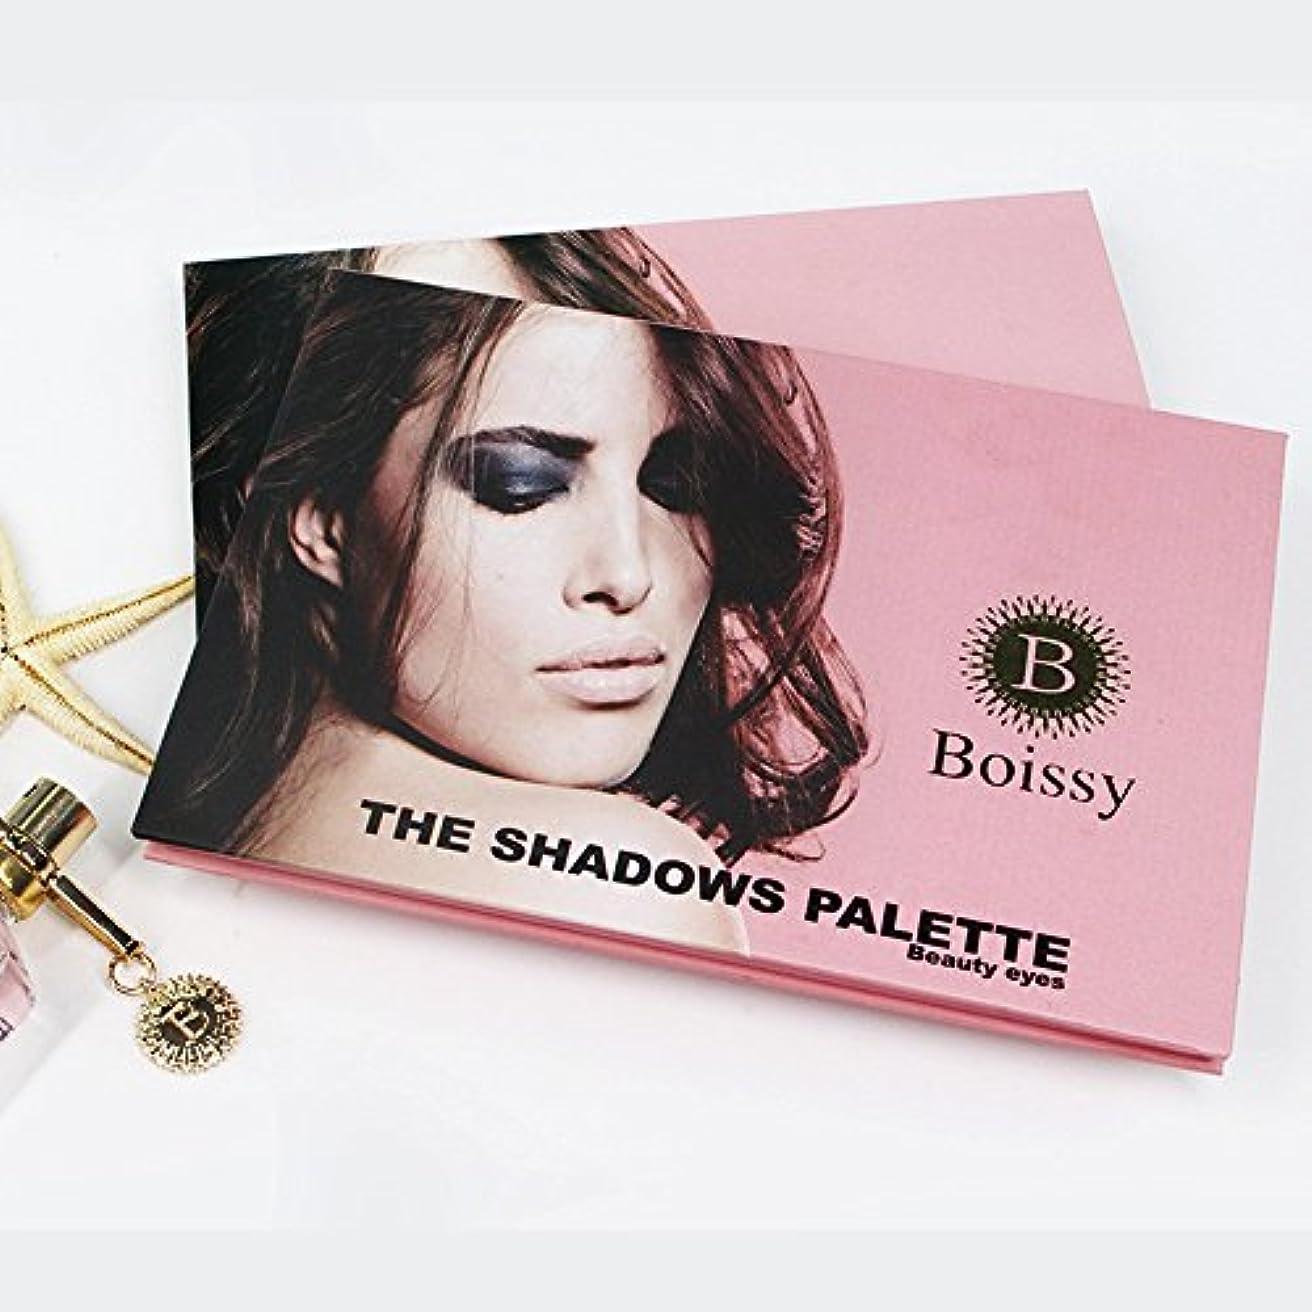 ロシア画家一握りAkane アイシャドウパレット BOISSY ファッション 可愛い 魅力的 キラキラ 人気 ピンク 綺麗 長持ち おしゃれ 防水 チャーム 日常 持ち便利 Eye Shadow (24色)